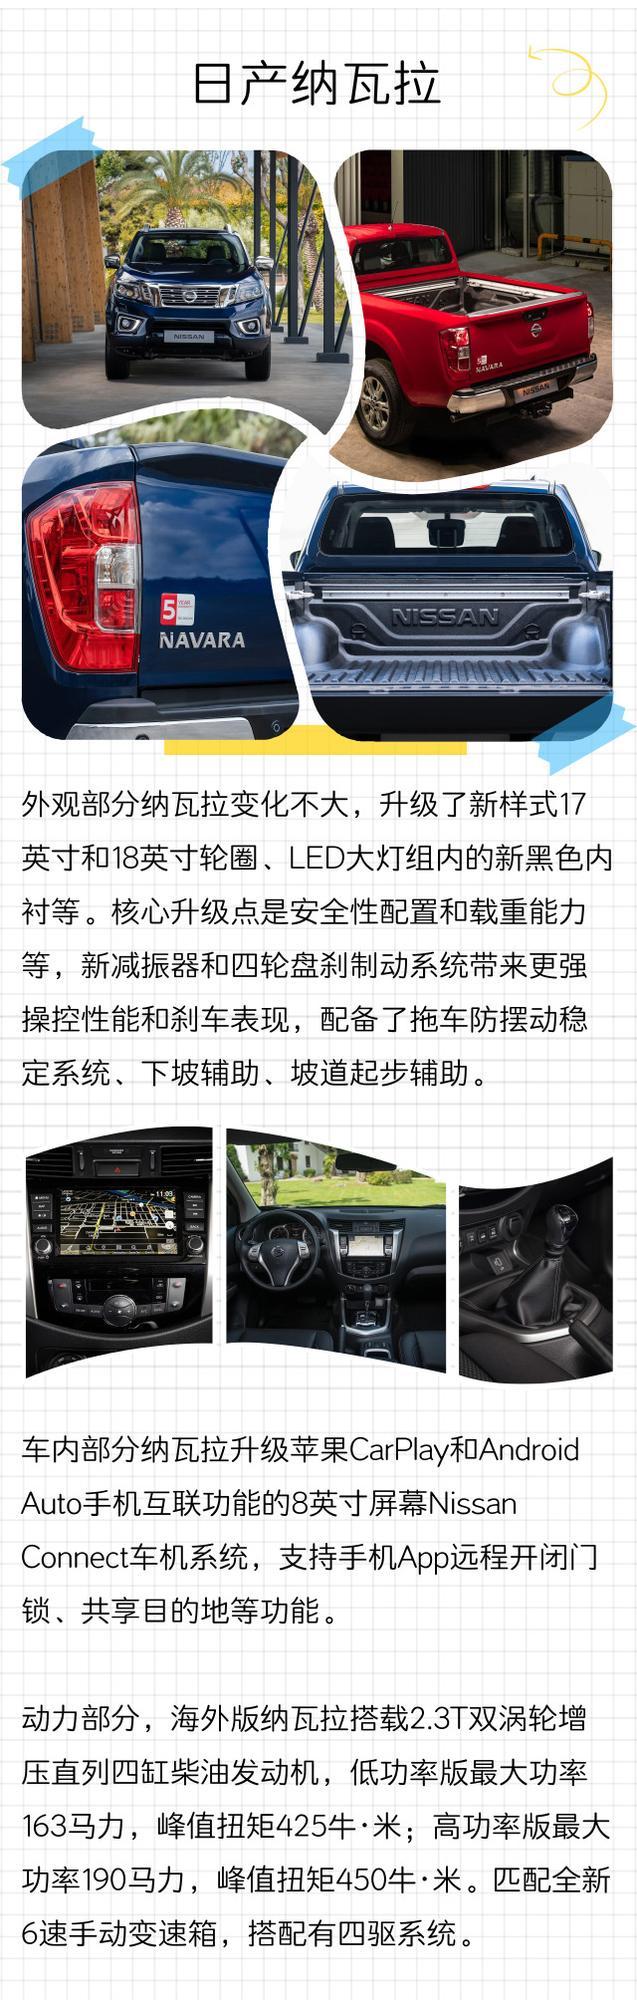 全新飞驰/Huracan等 近期最抢眼的10款海外新车官图